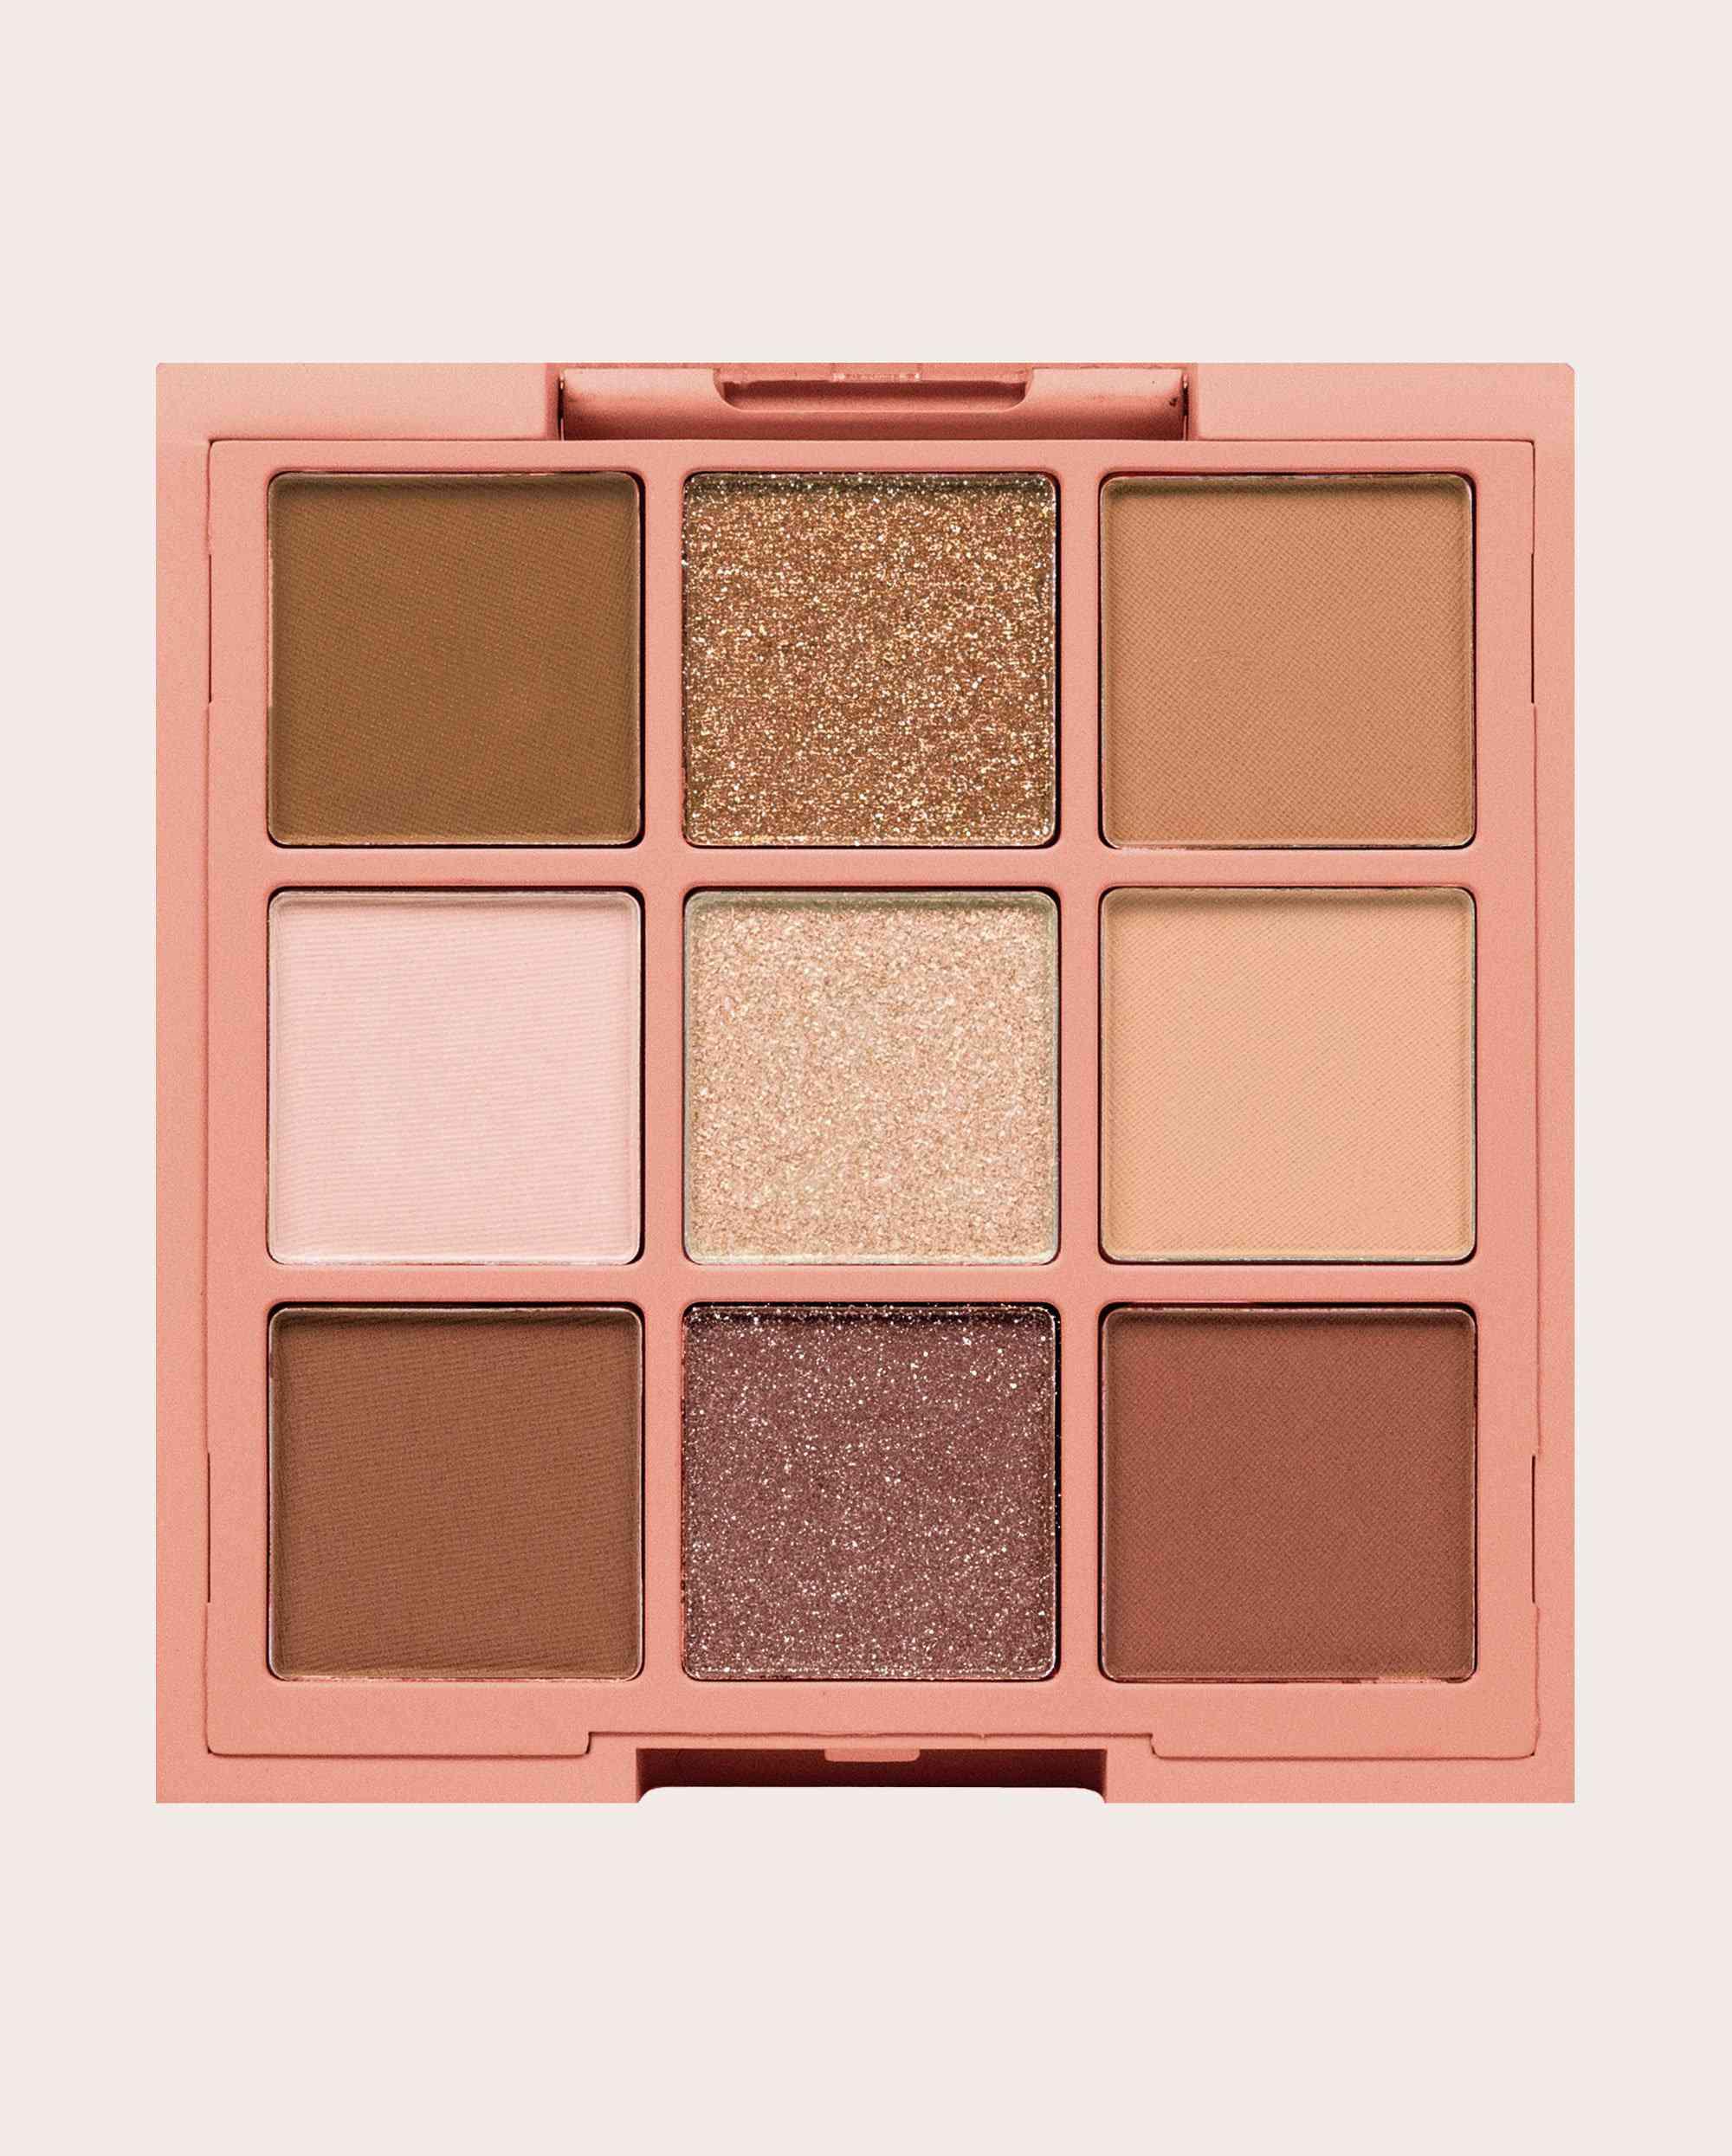 Jason Wu Beauty Flora 9 Eyeshadow Palette